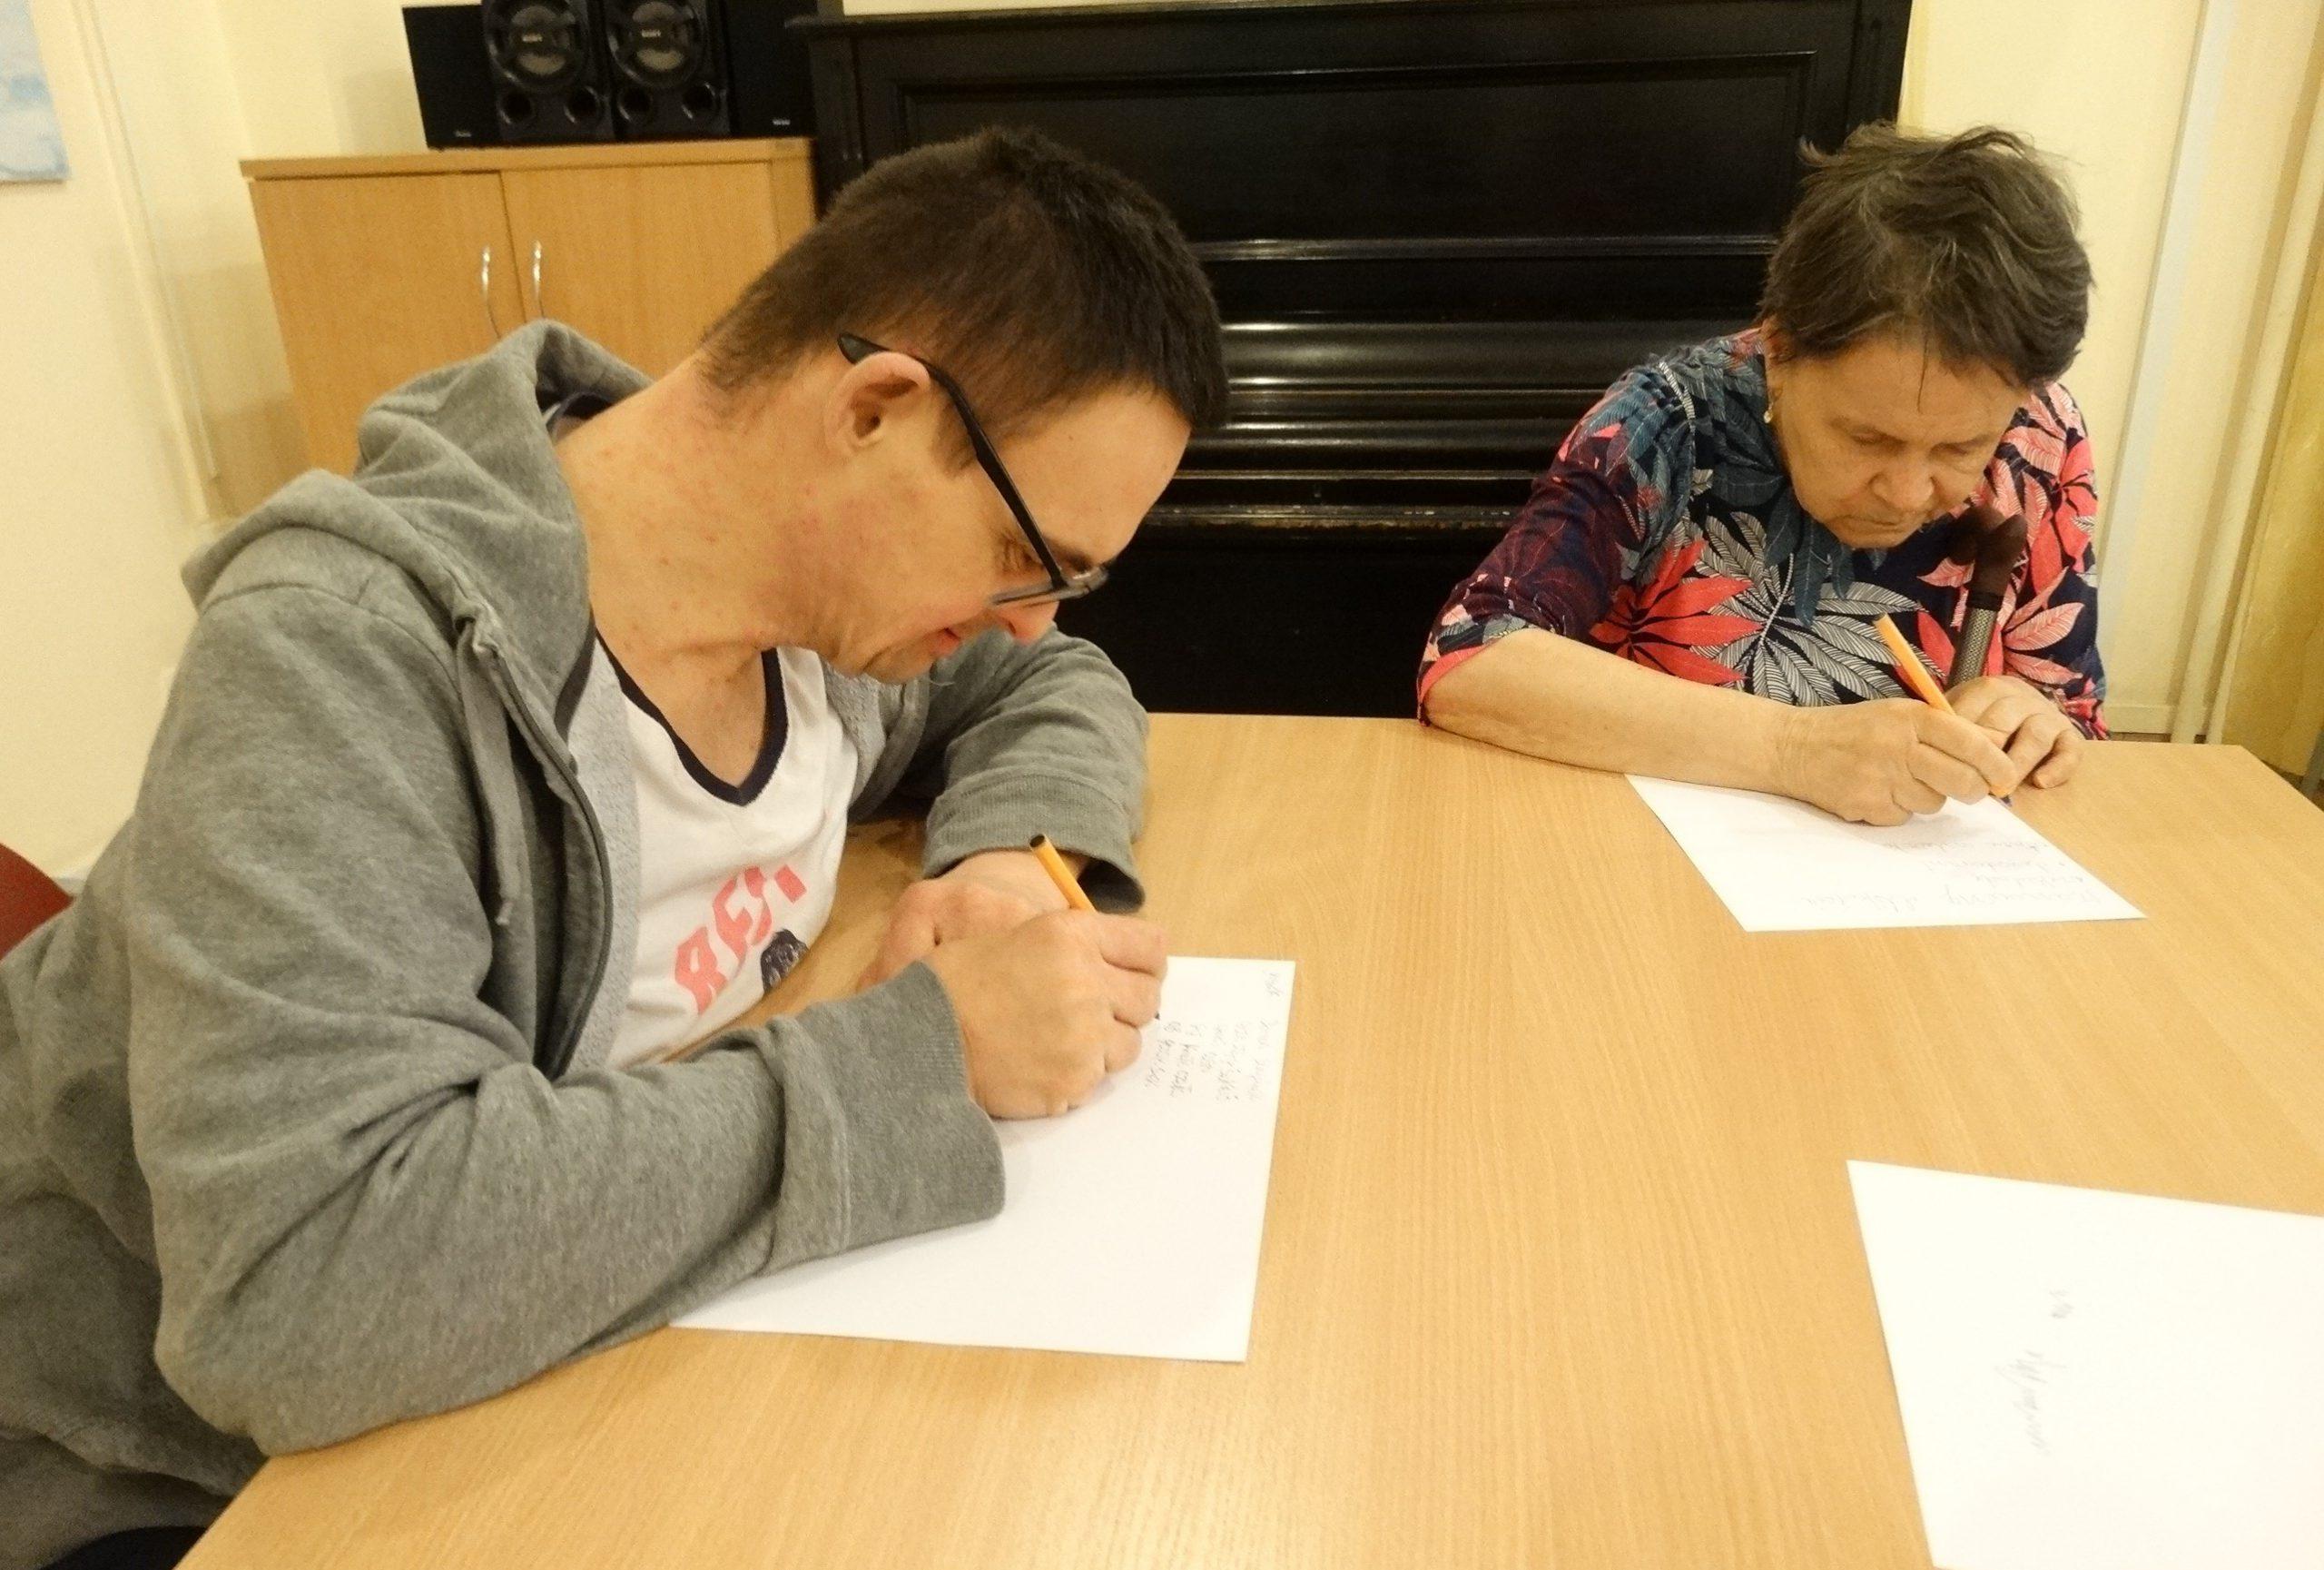 Mężczyzna i kobieta siedzą przy stole, zapisują coś na kartkach